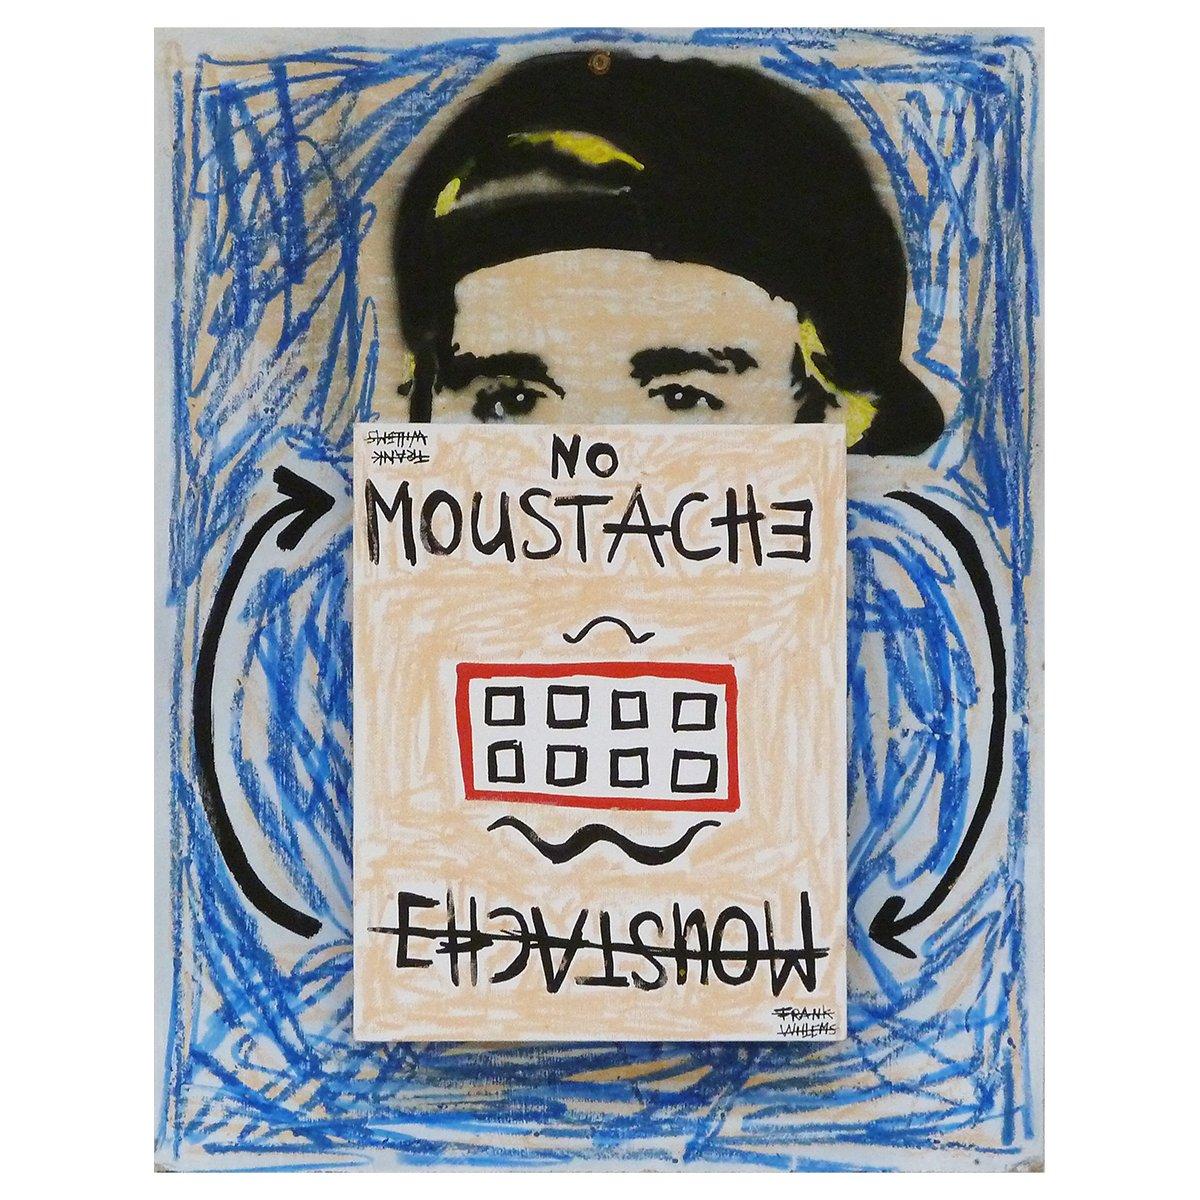 (NO) MOUSTACHE - Frank Willems 02